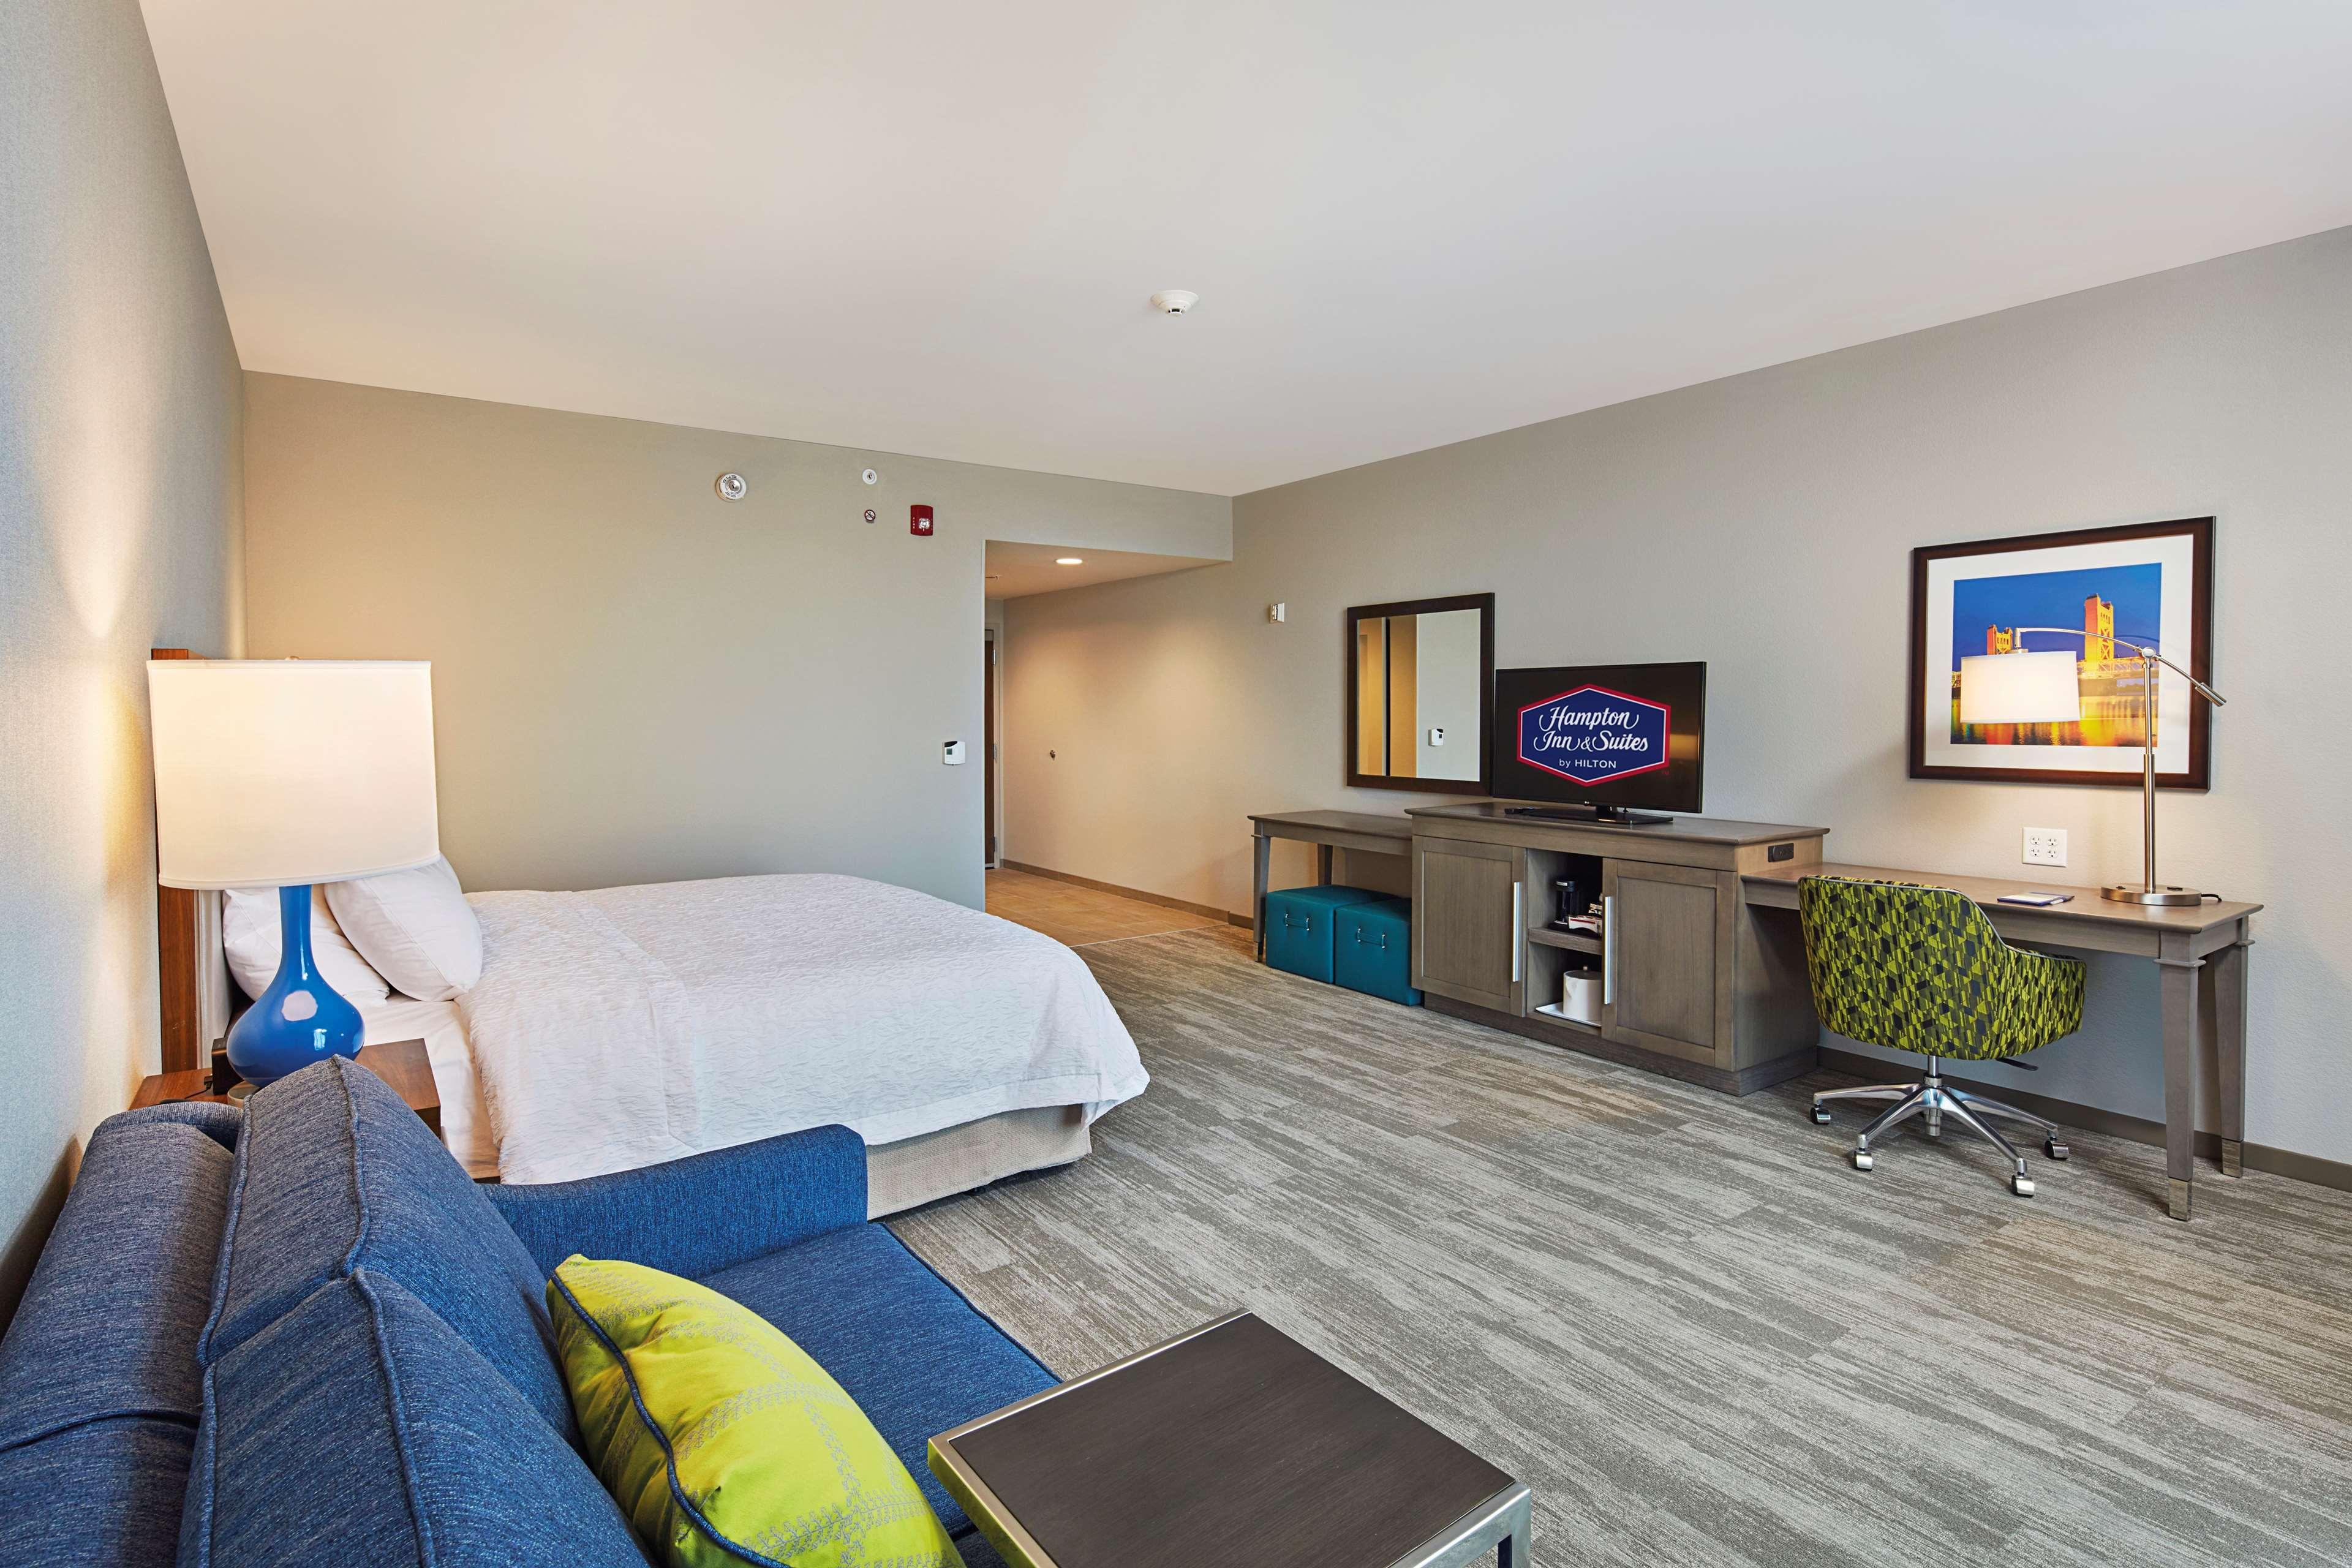 Hampton Inn & Suites Sacramento at CSUS image 29